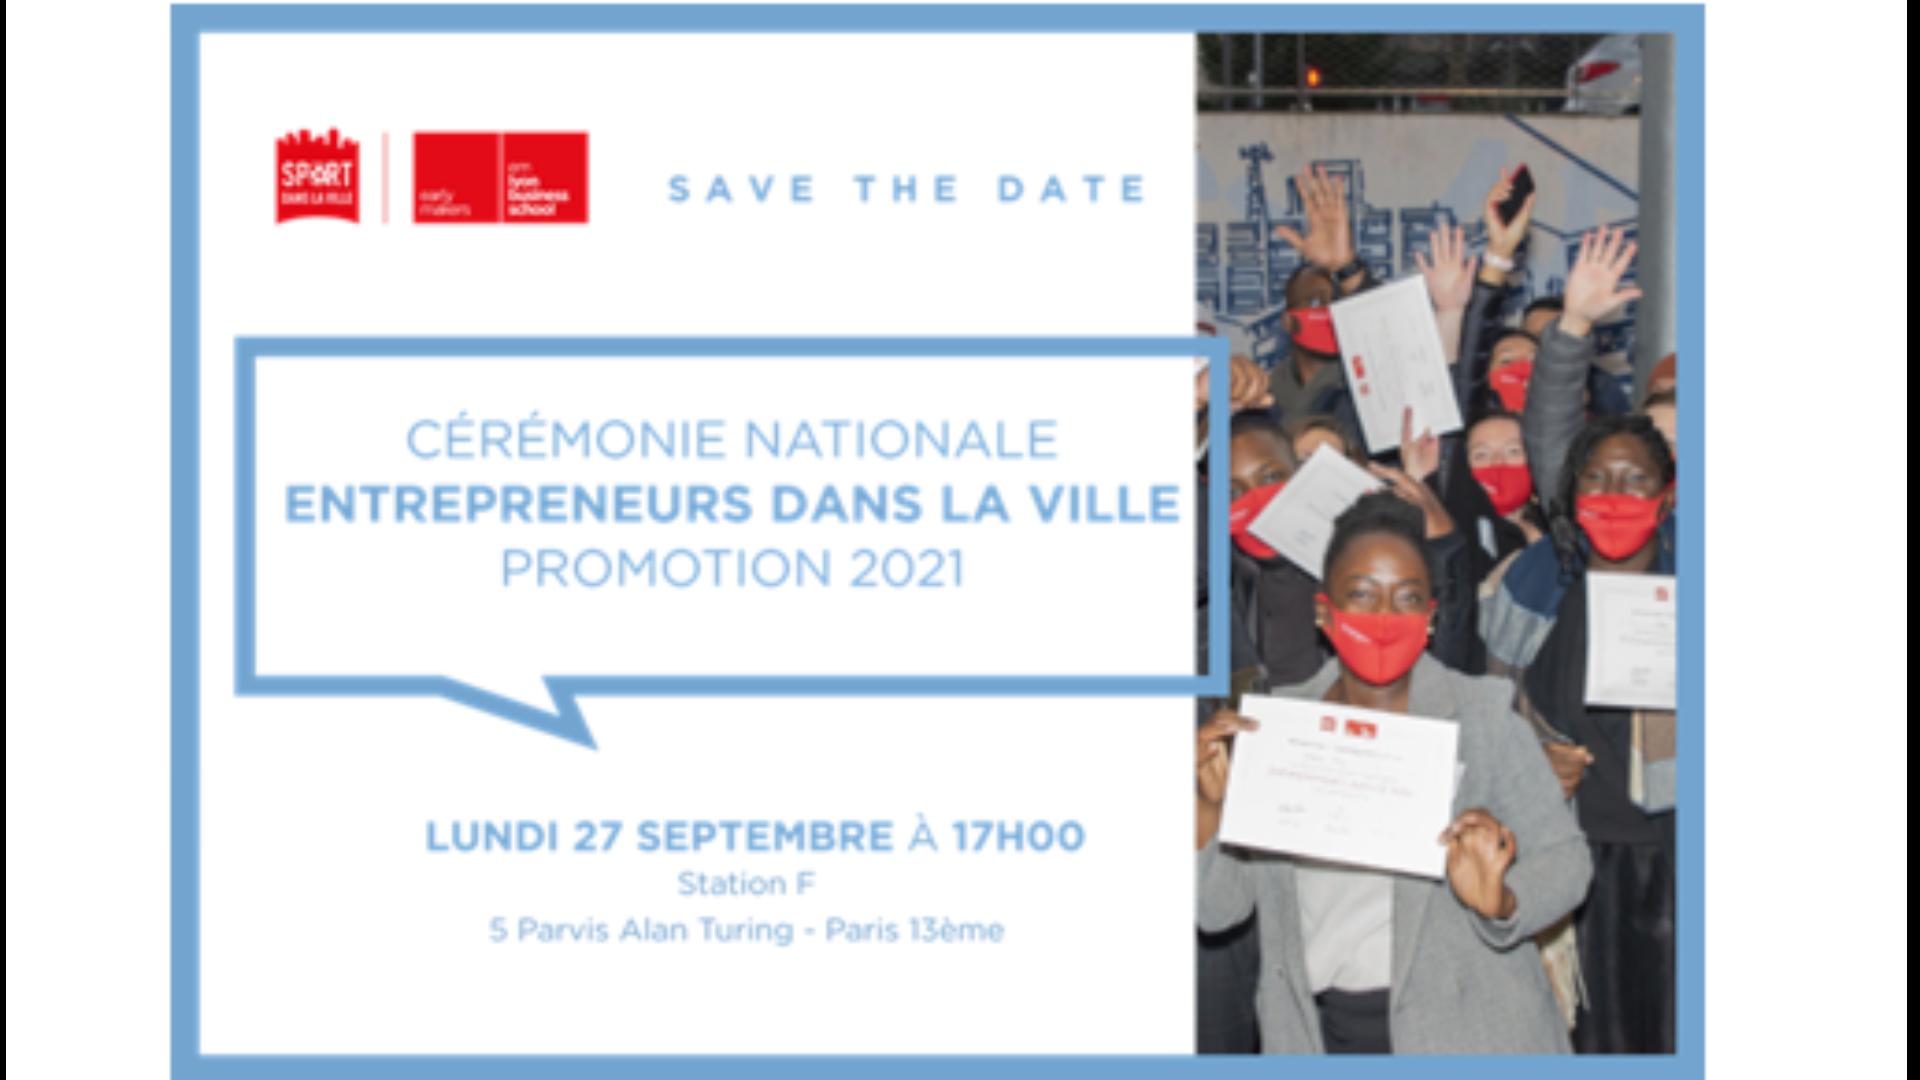 Thumbnail for event National Ceremony - Entrepreneurs dans la Ville - Class of 2021